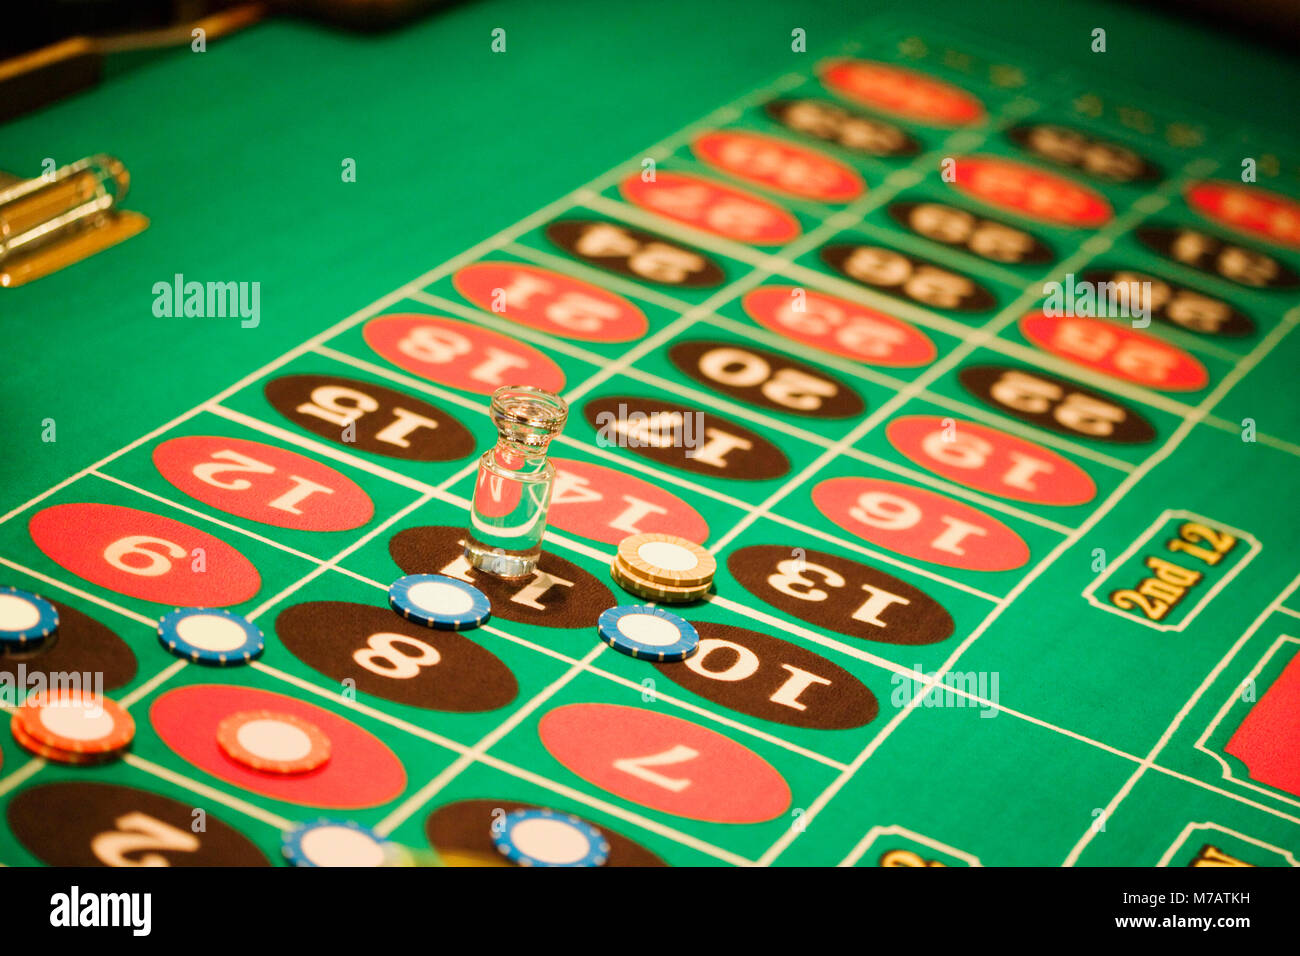 Nevada Roulette Imágenes De Stock & Nevada Roulette Fotos De Stock ...